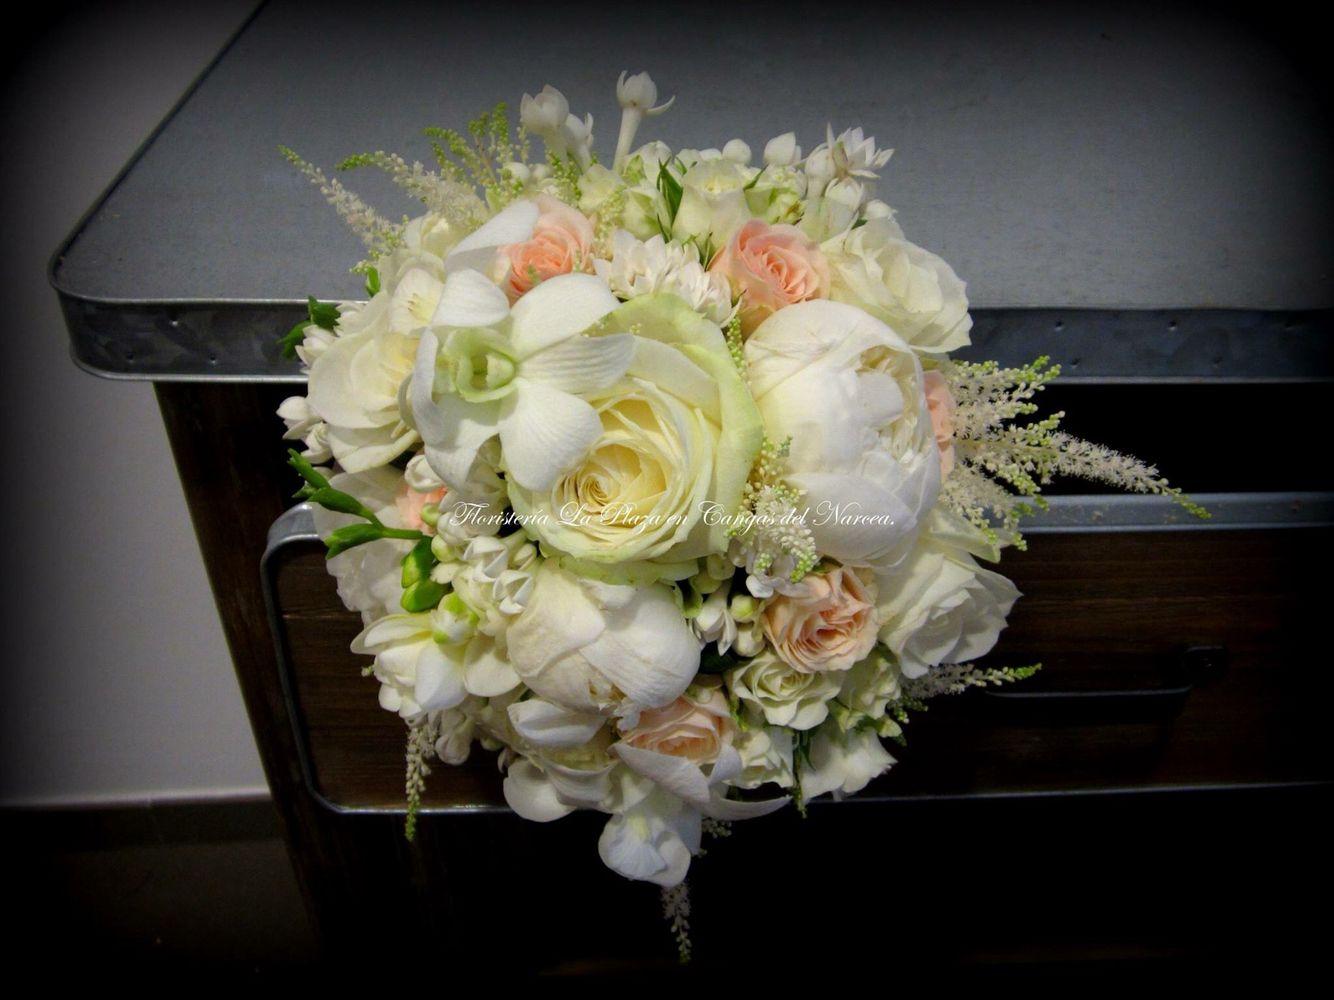 Entrada Basílica de Cangas del Narcea. Floristería la Plaza. Teléfono 985811511. Nos gustan las bodas!!!! ❤️❤️❤️❤️